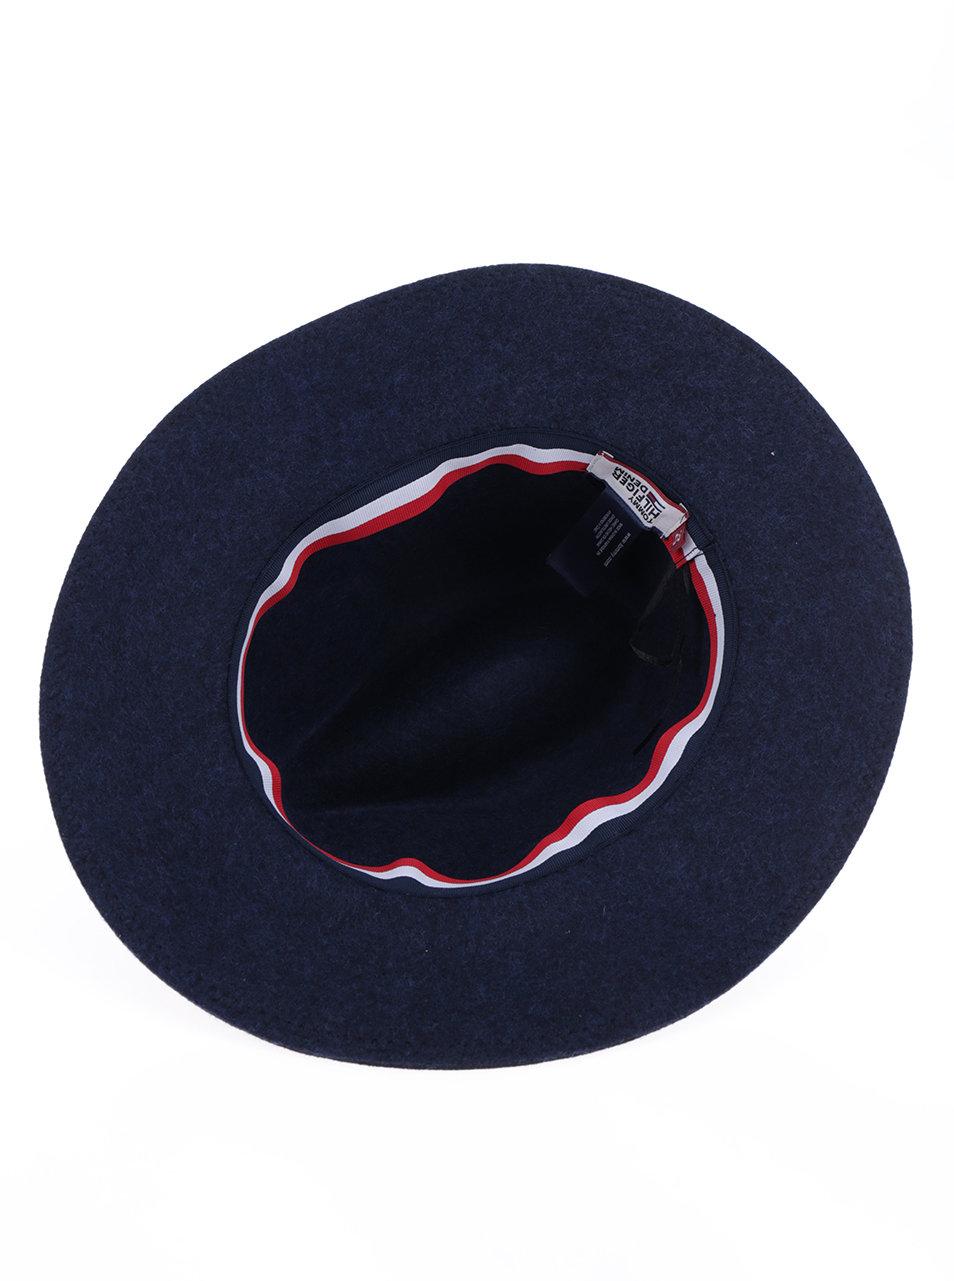 934ace174db Tmavě modrý dámský vlněný klobouk Tommy Hilfiger Fedora ...